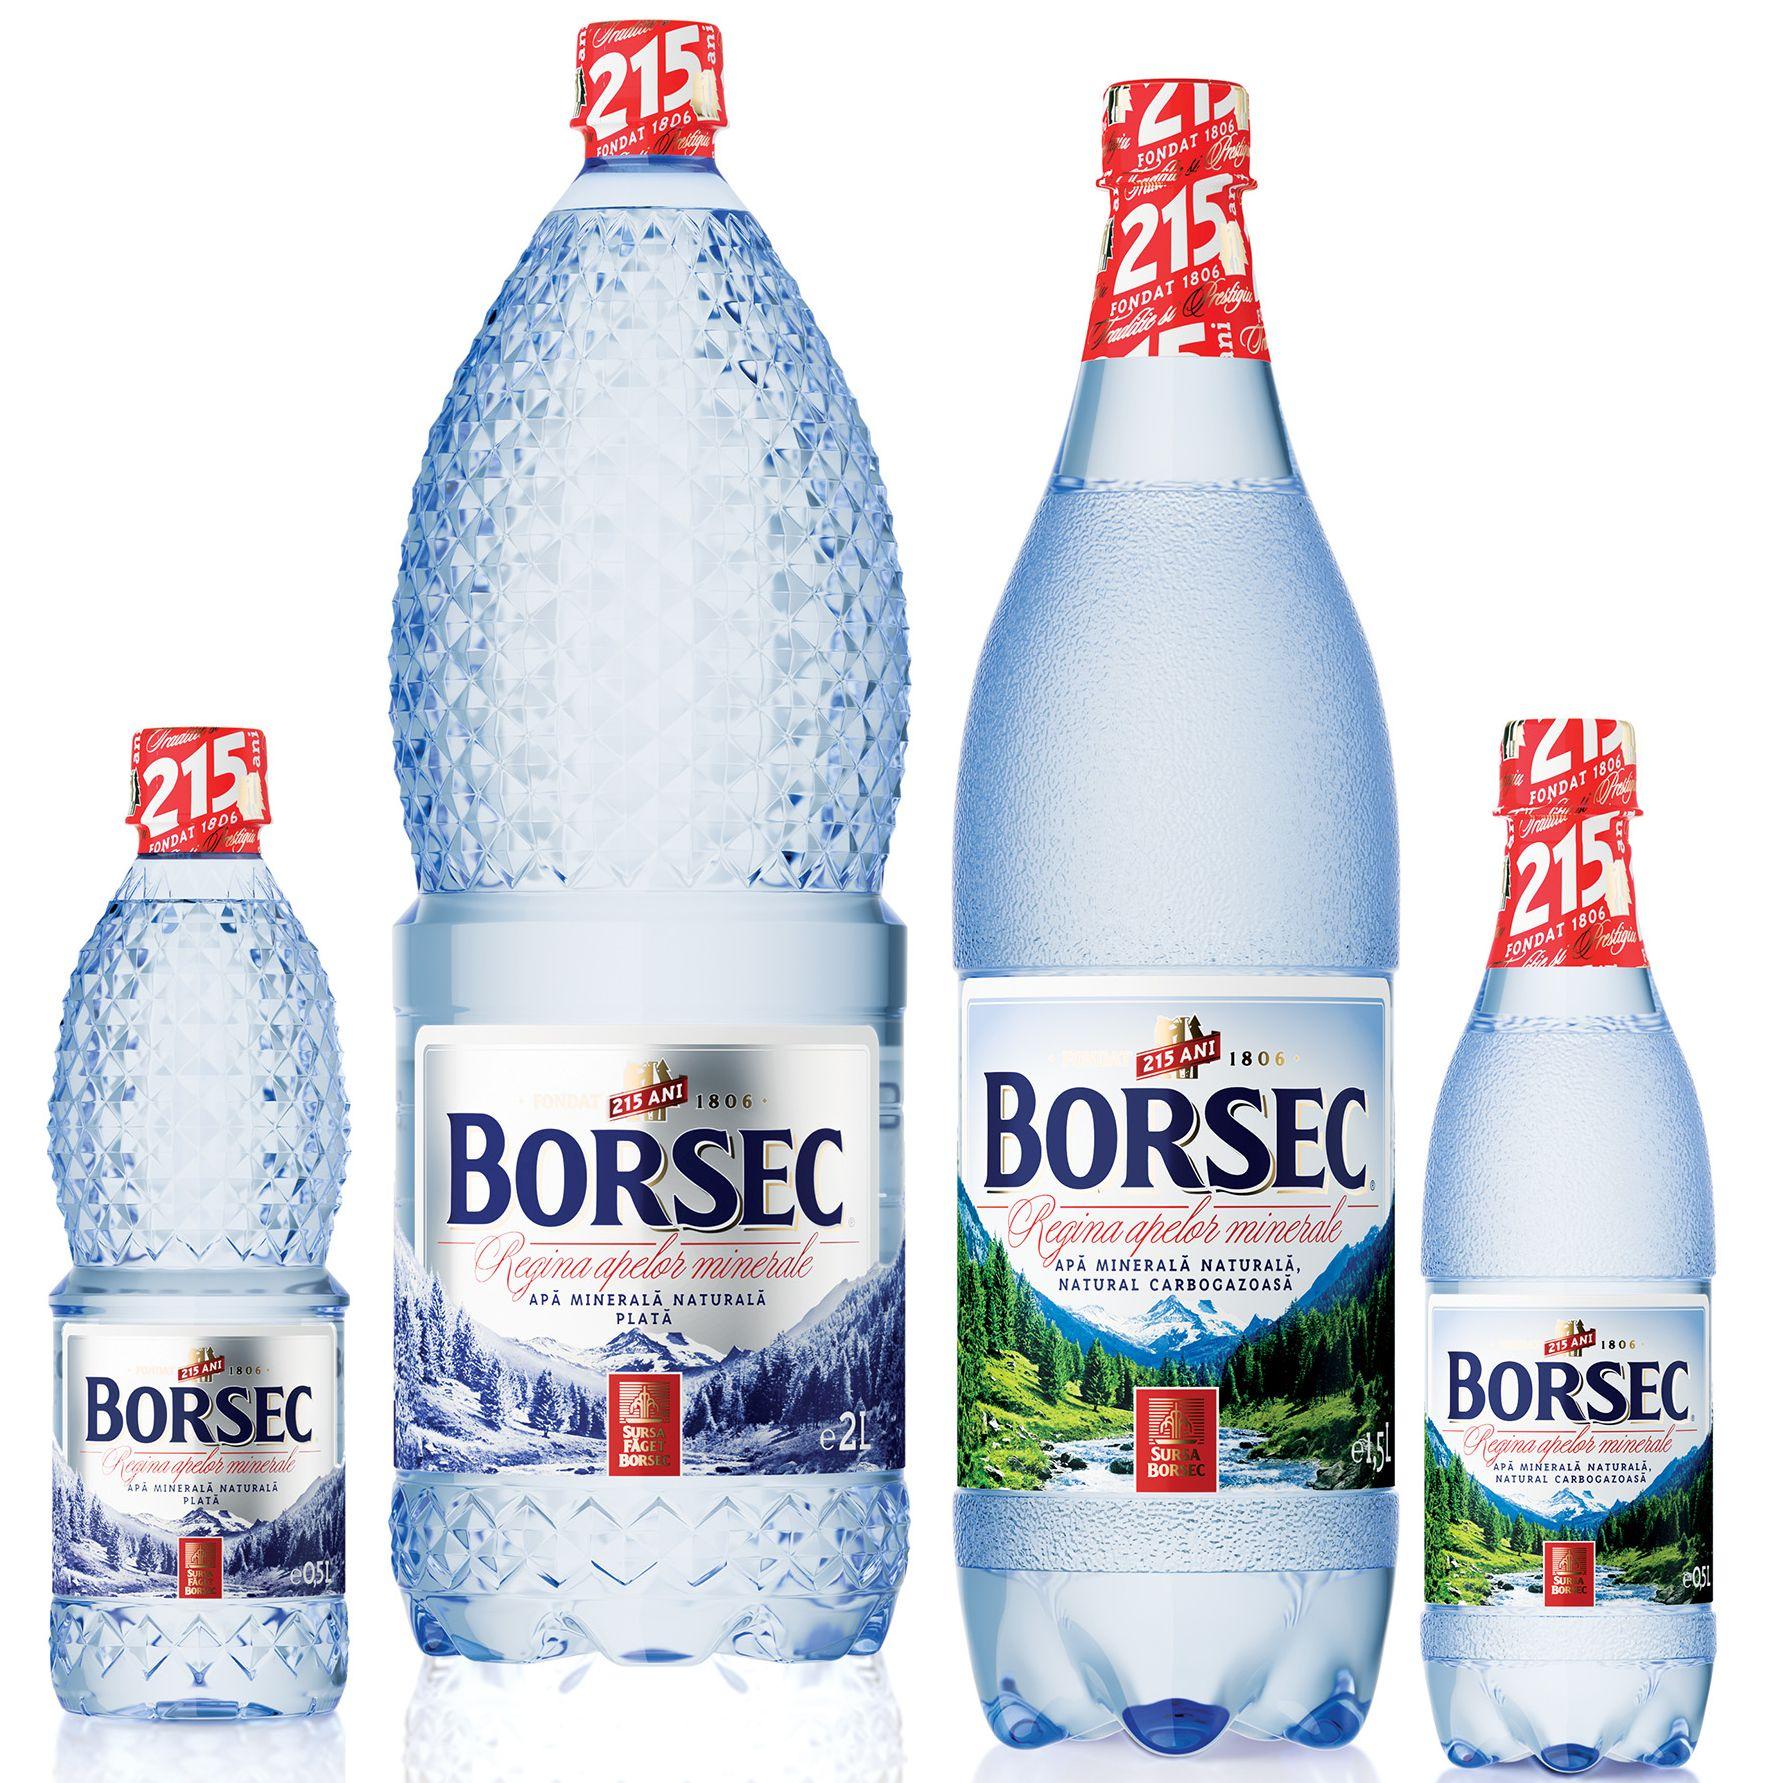 Borsec, Regina Apelor Minerale, sărbătoreşte 215 ani de tradiţie şi prestigiu